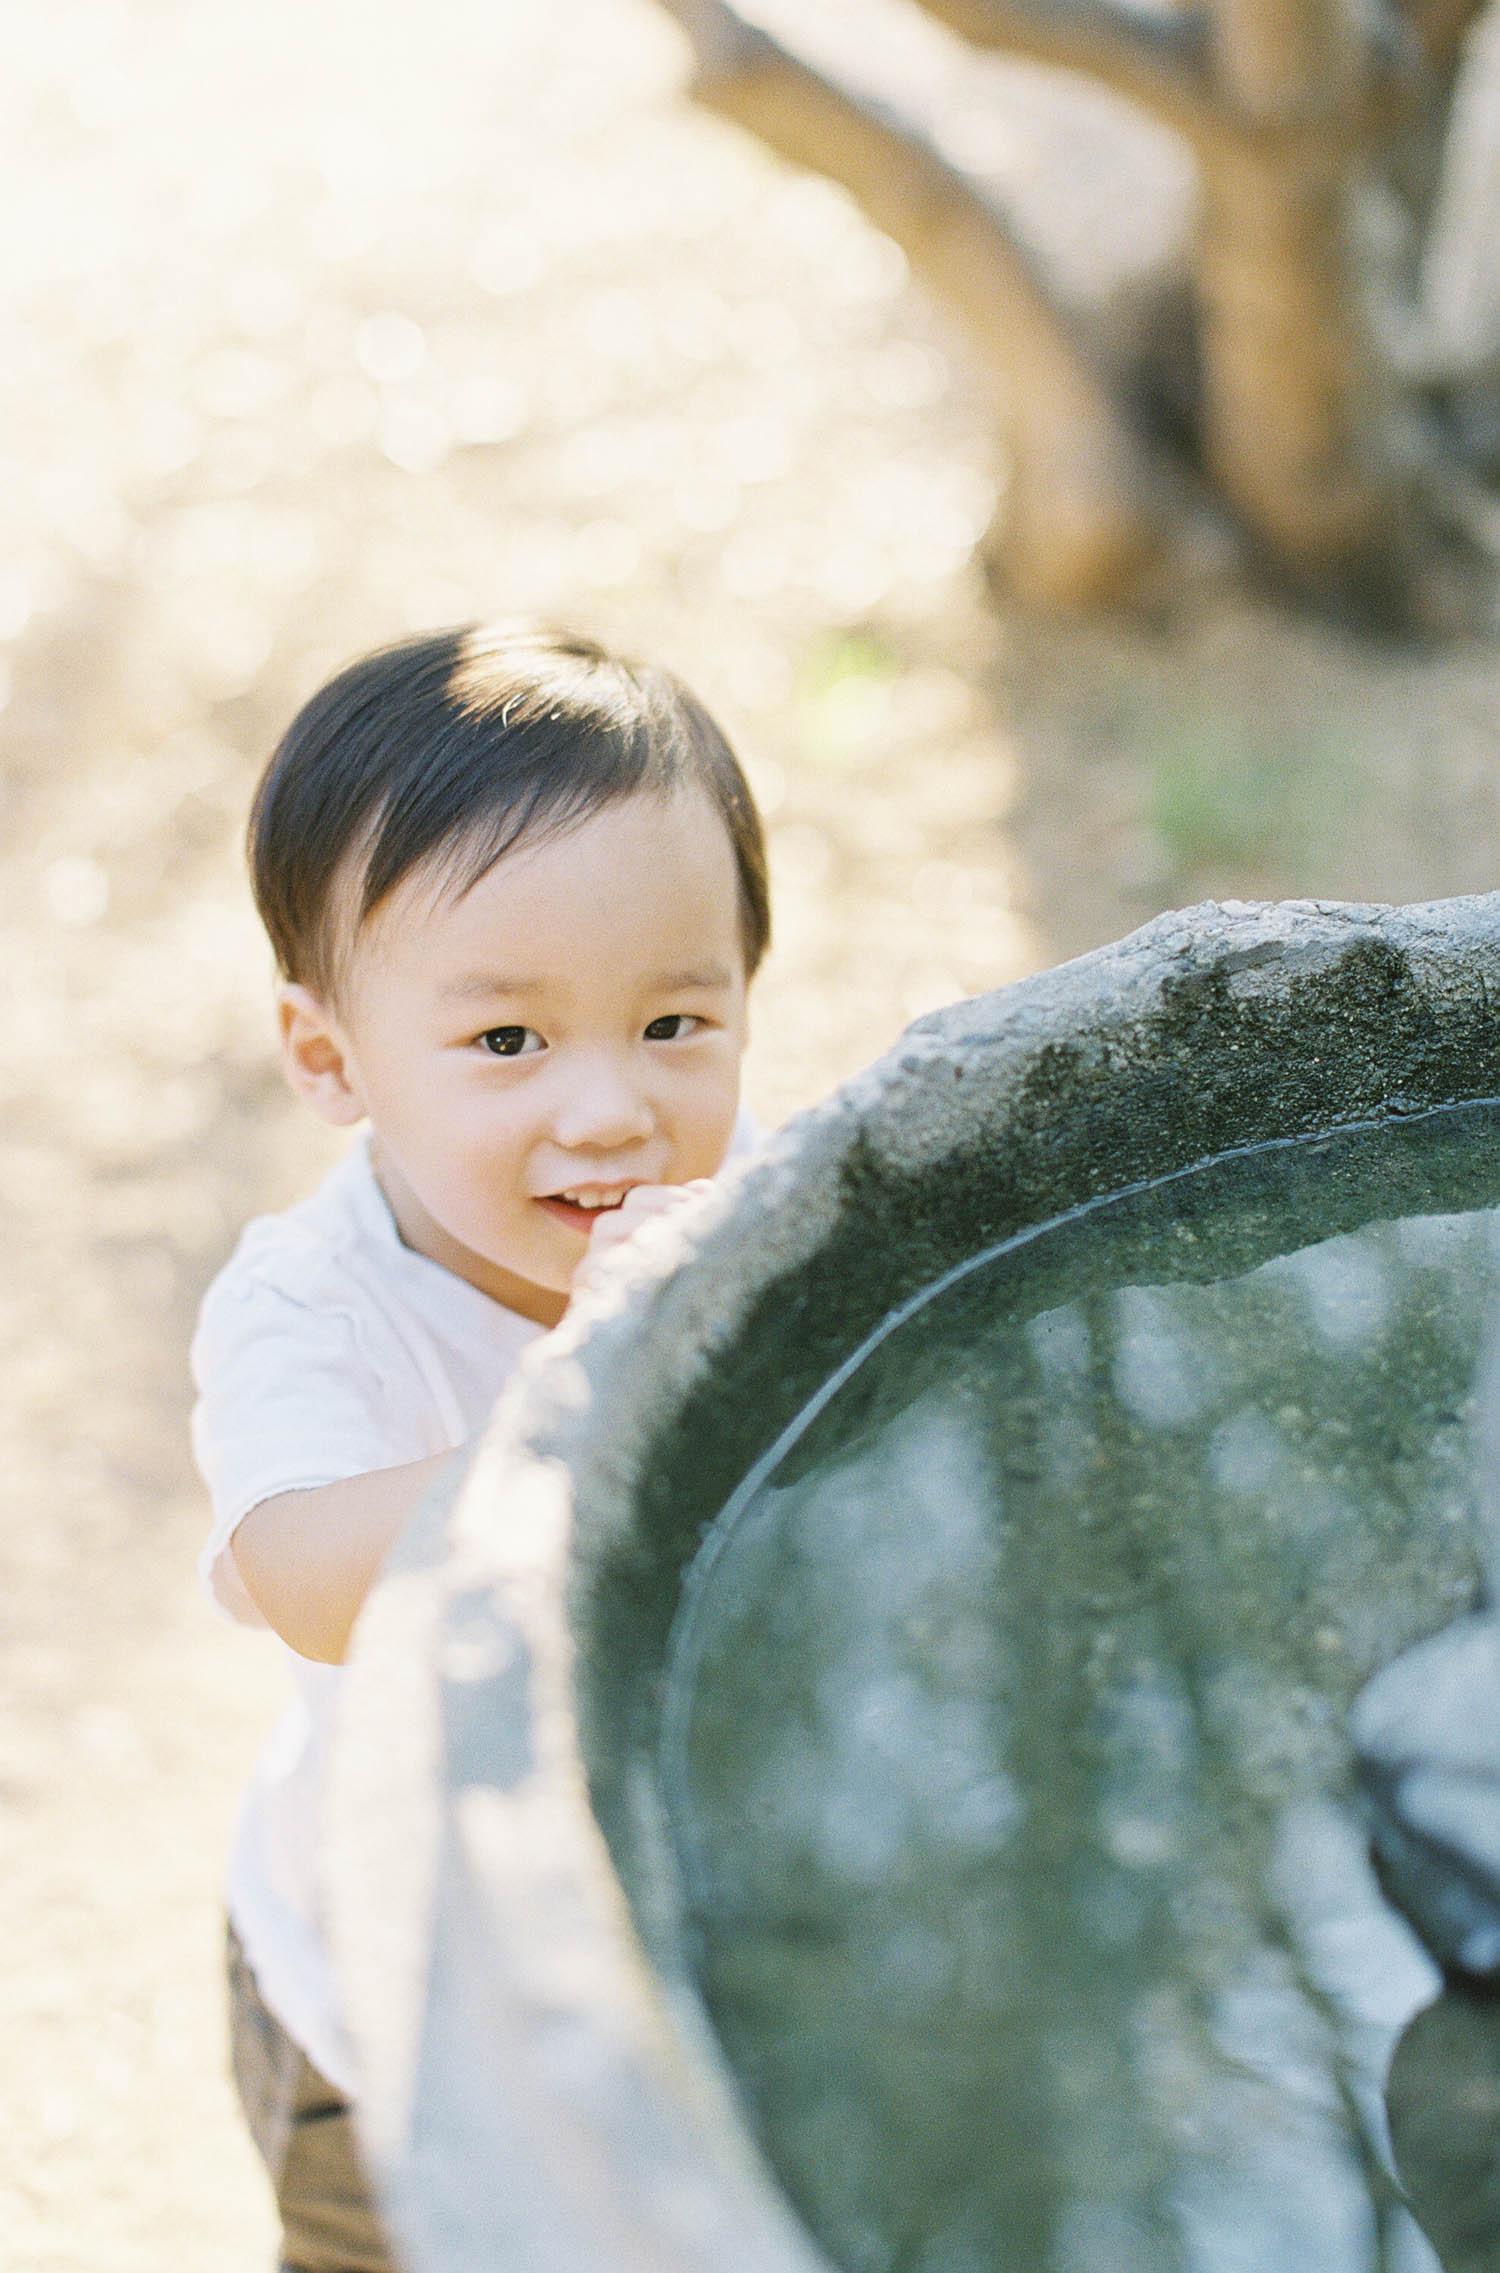 Heng-WR-93-Jen_Huang-006833-R1-009.jpg